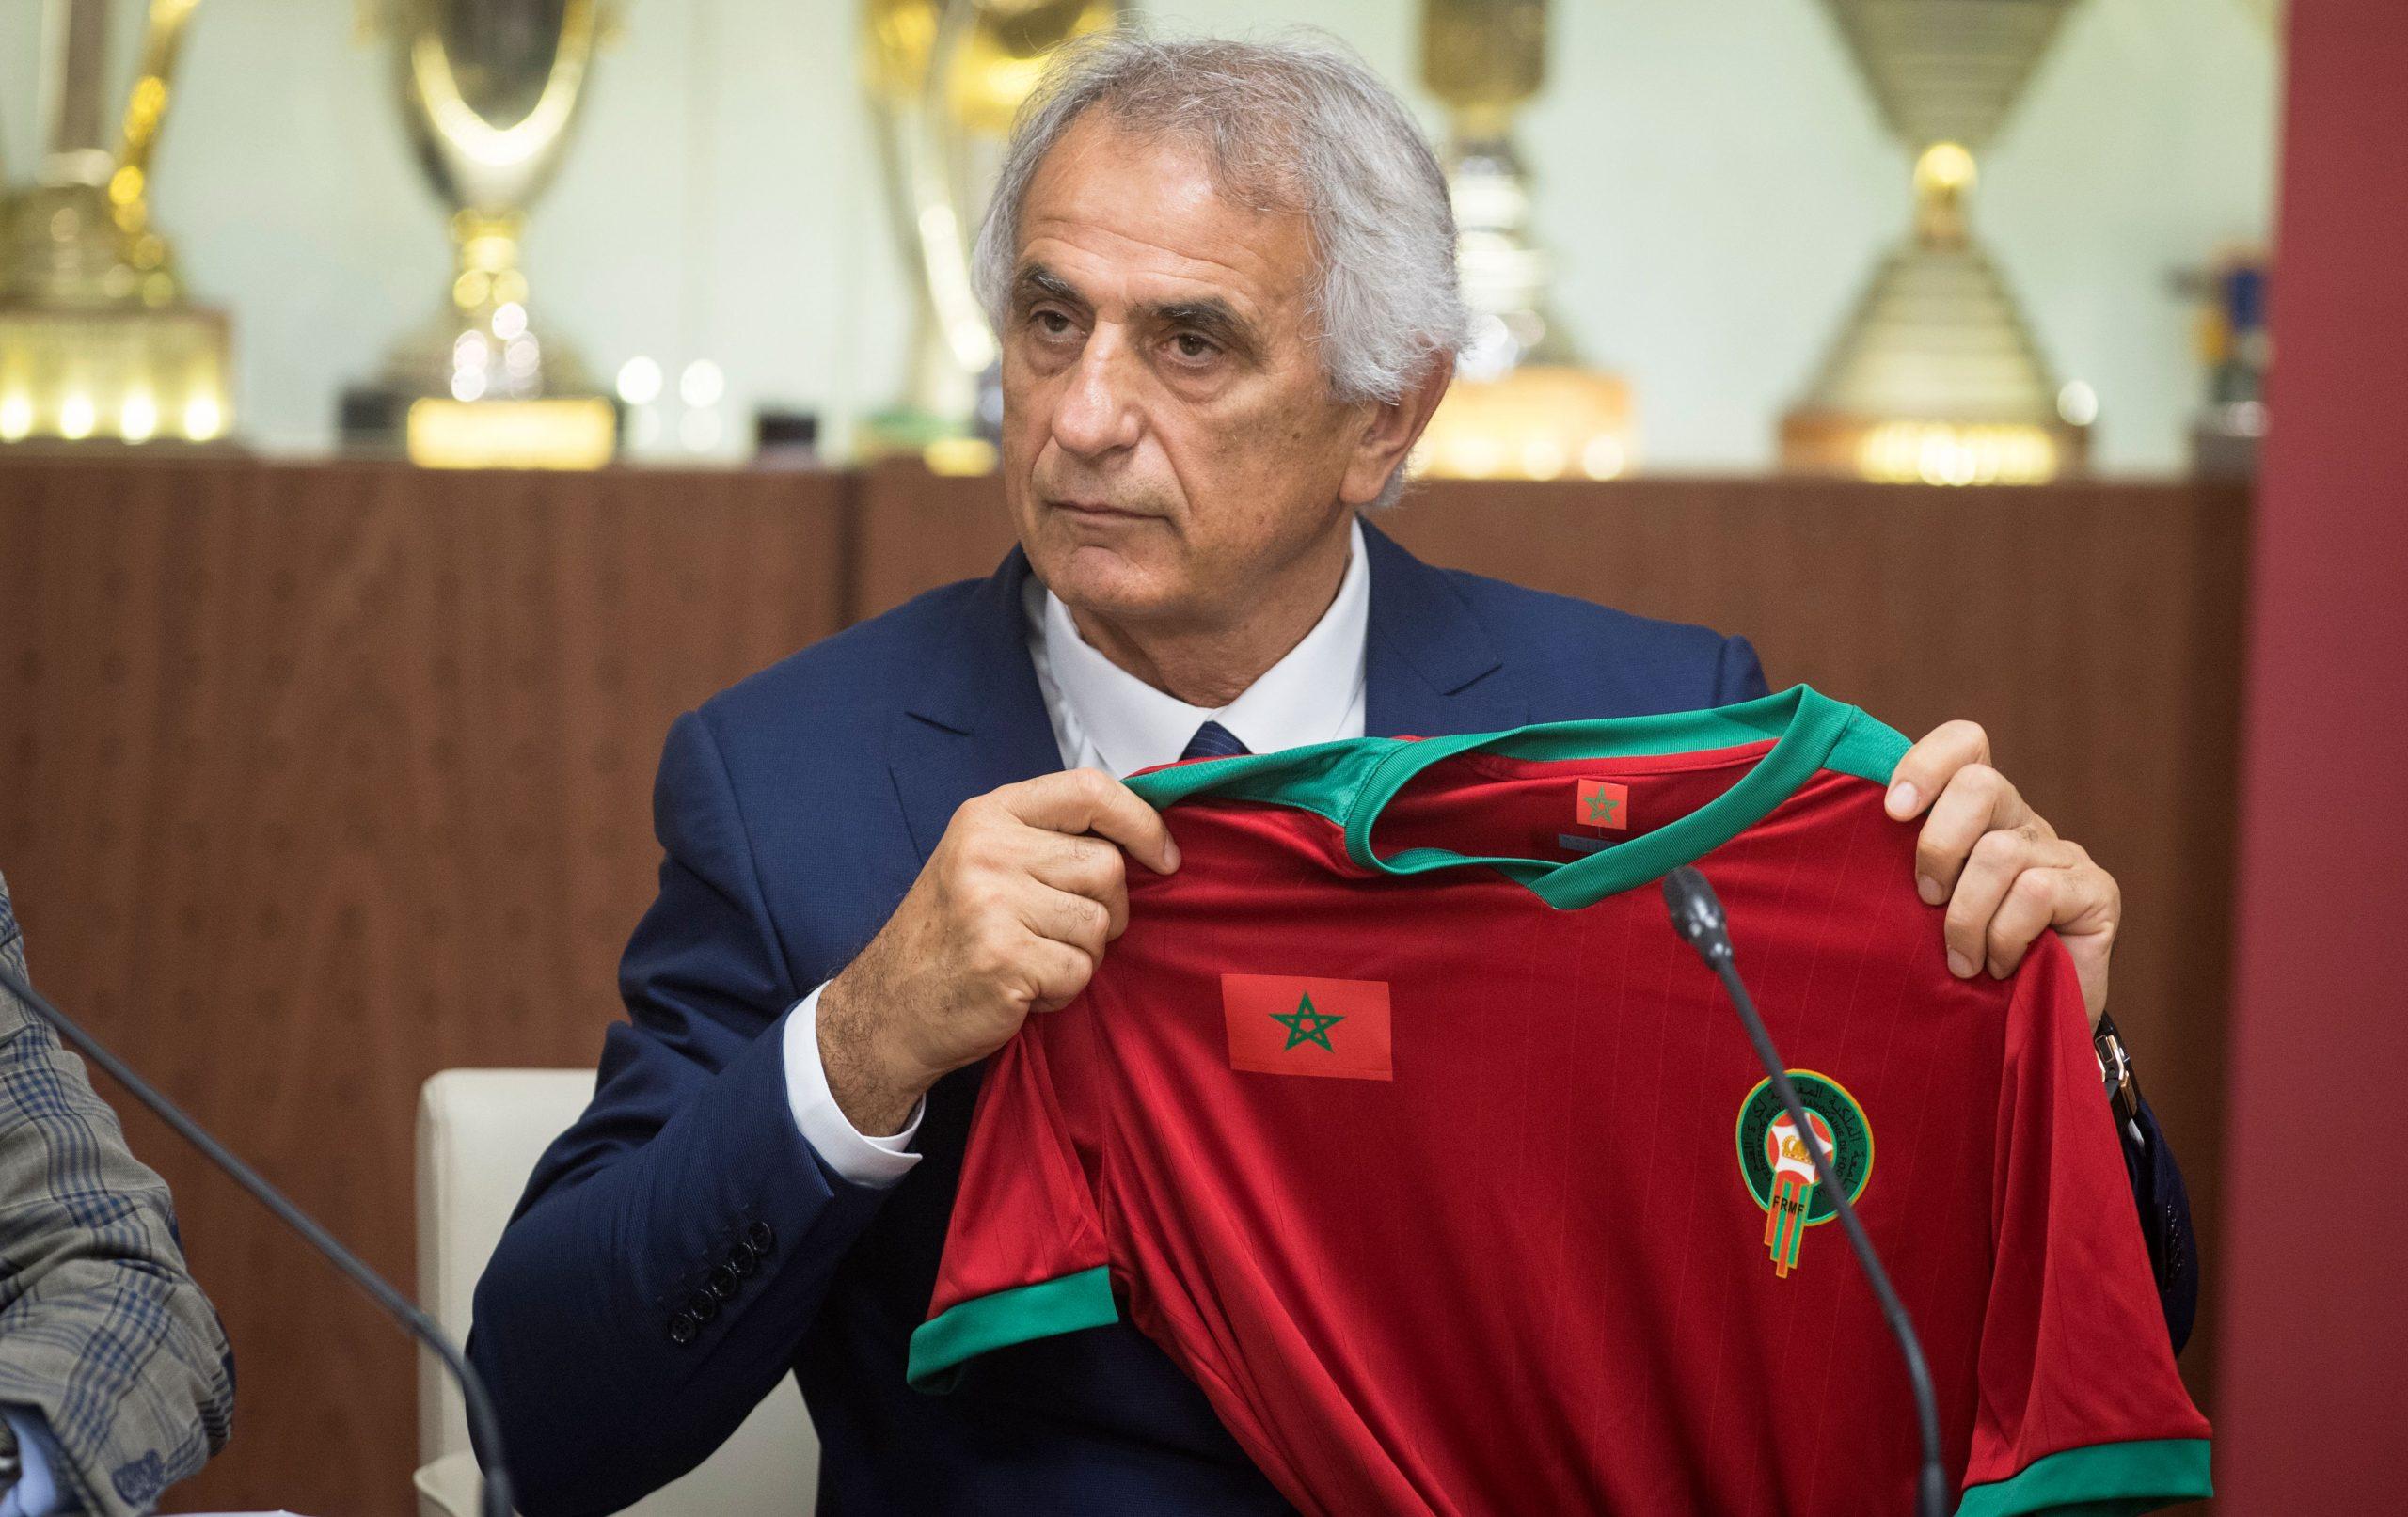 وحيد حاليلوزيتش : هدفي الأساسي رفقة أسود الاطلس هو التأهل إلى نهائيات كأس العالم 2022